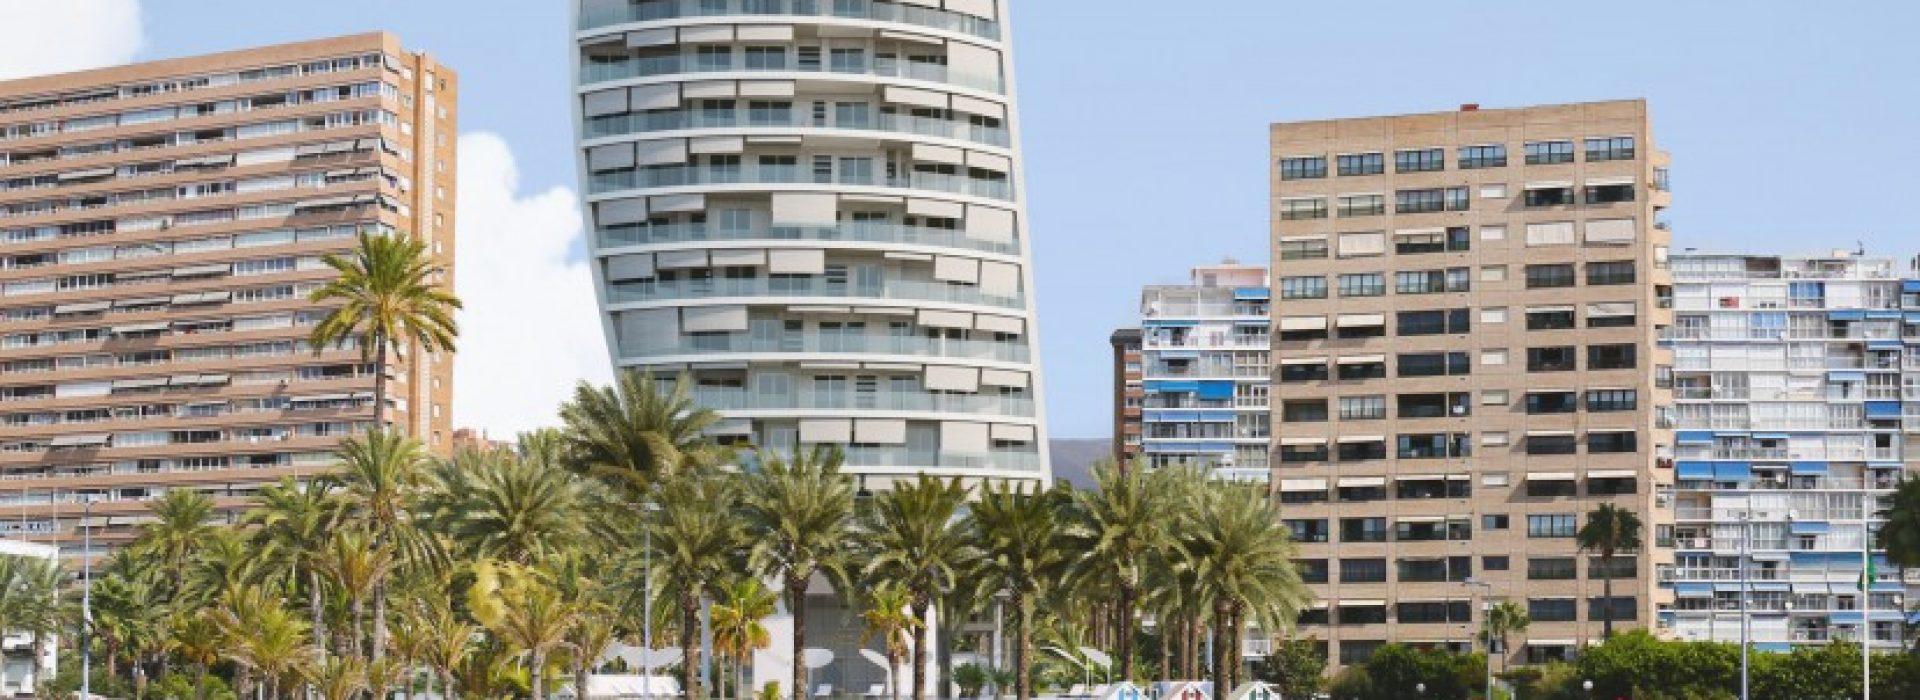 luksusowe-apartamenty-w-pierwszej-lini-brzegowej-w-benidormie-4-16111